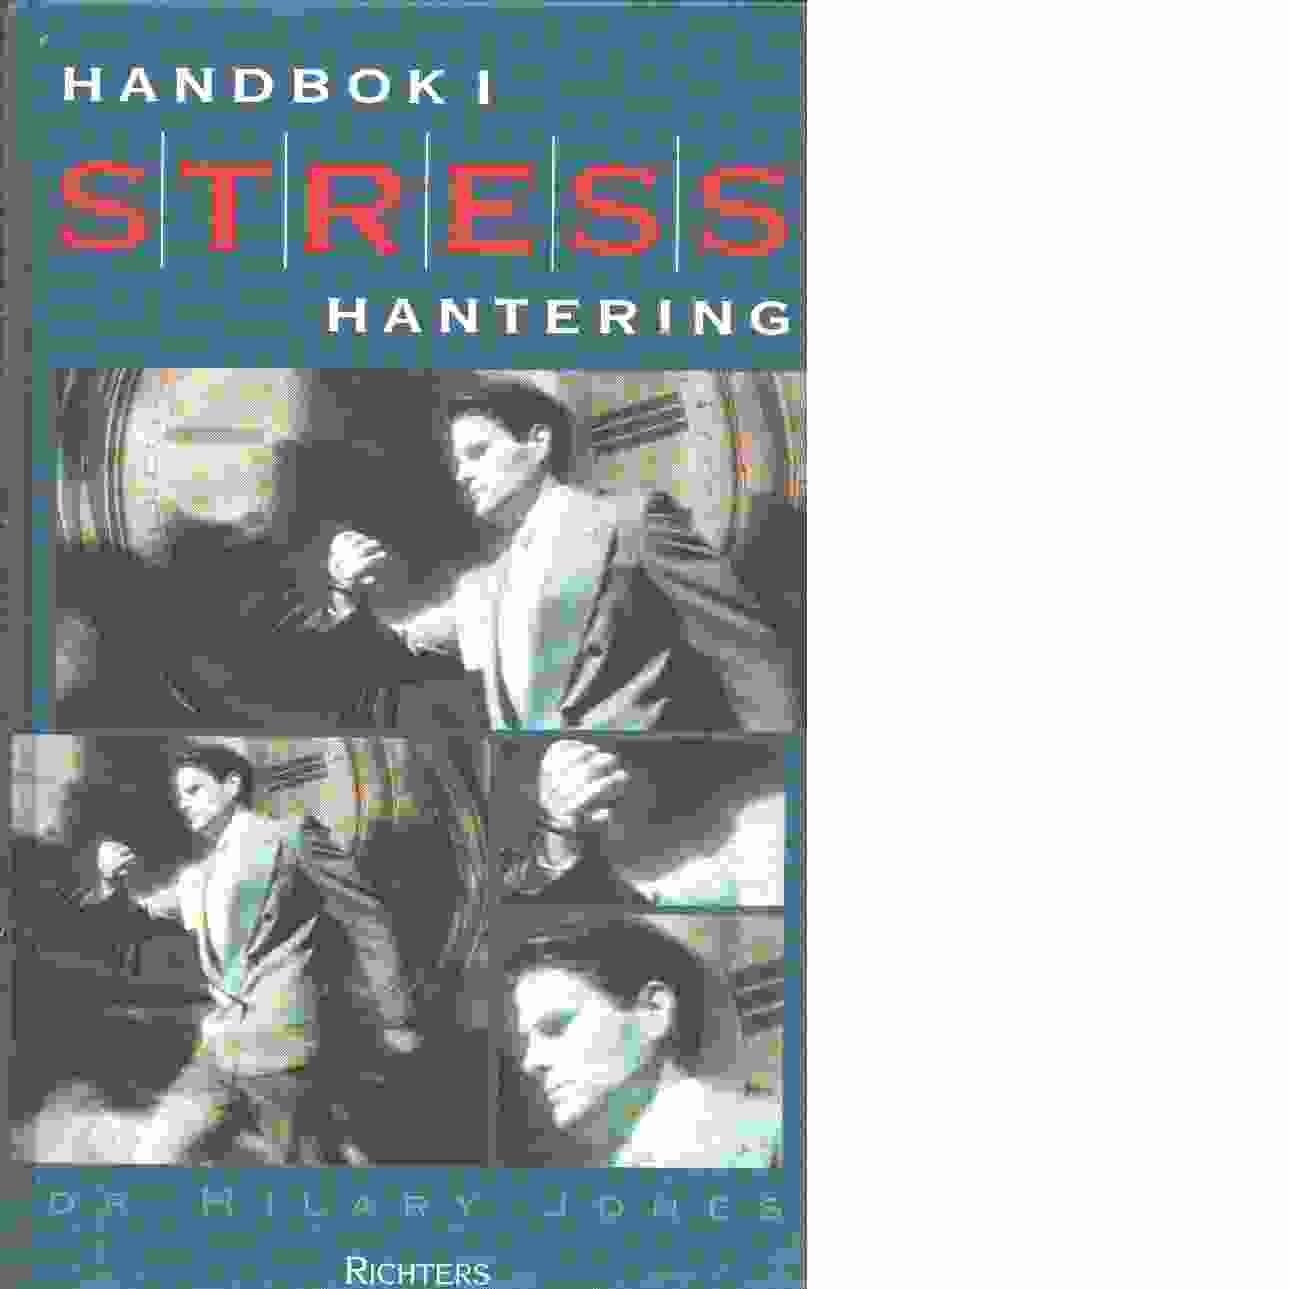 Handbok i stresshantering : hur man upptäcker och lindrar stressymtom - Jones, Hilary